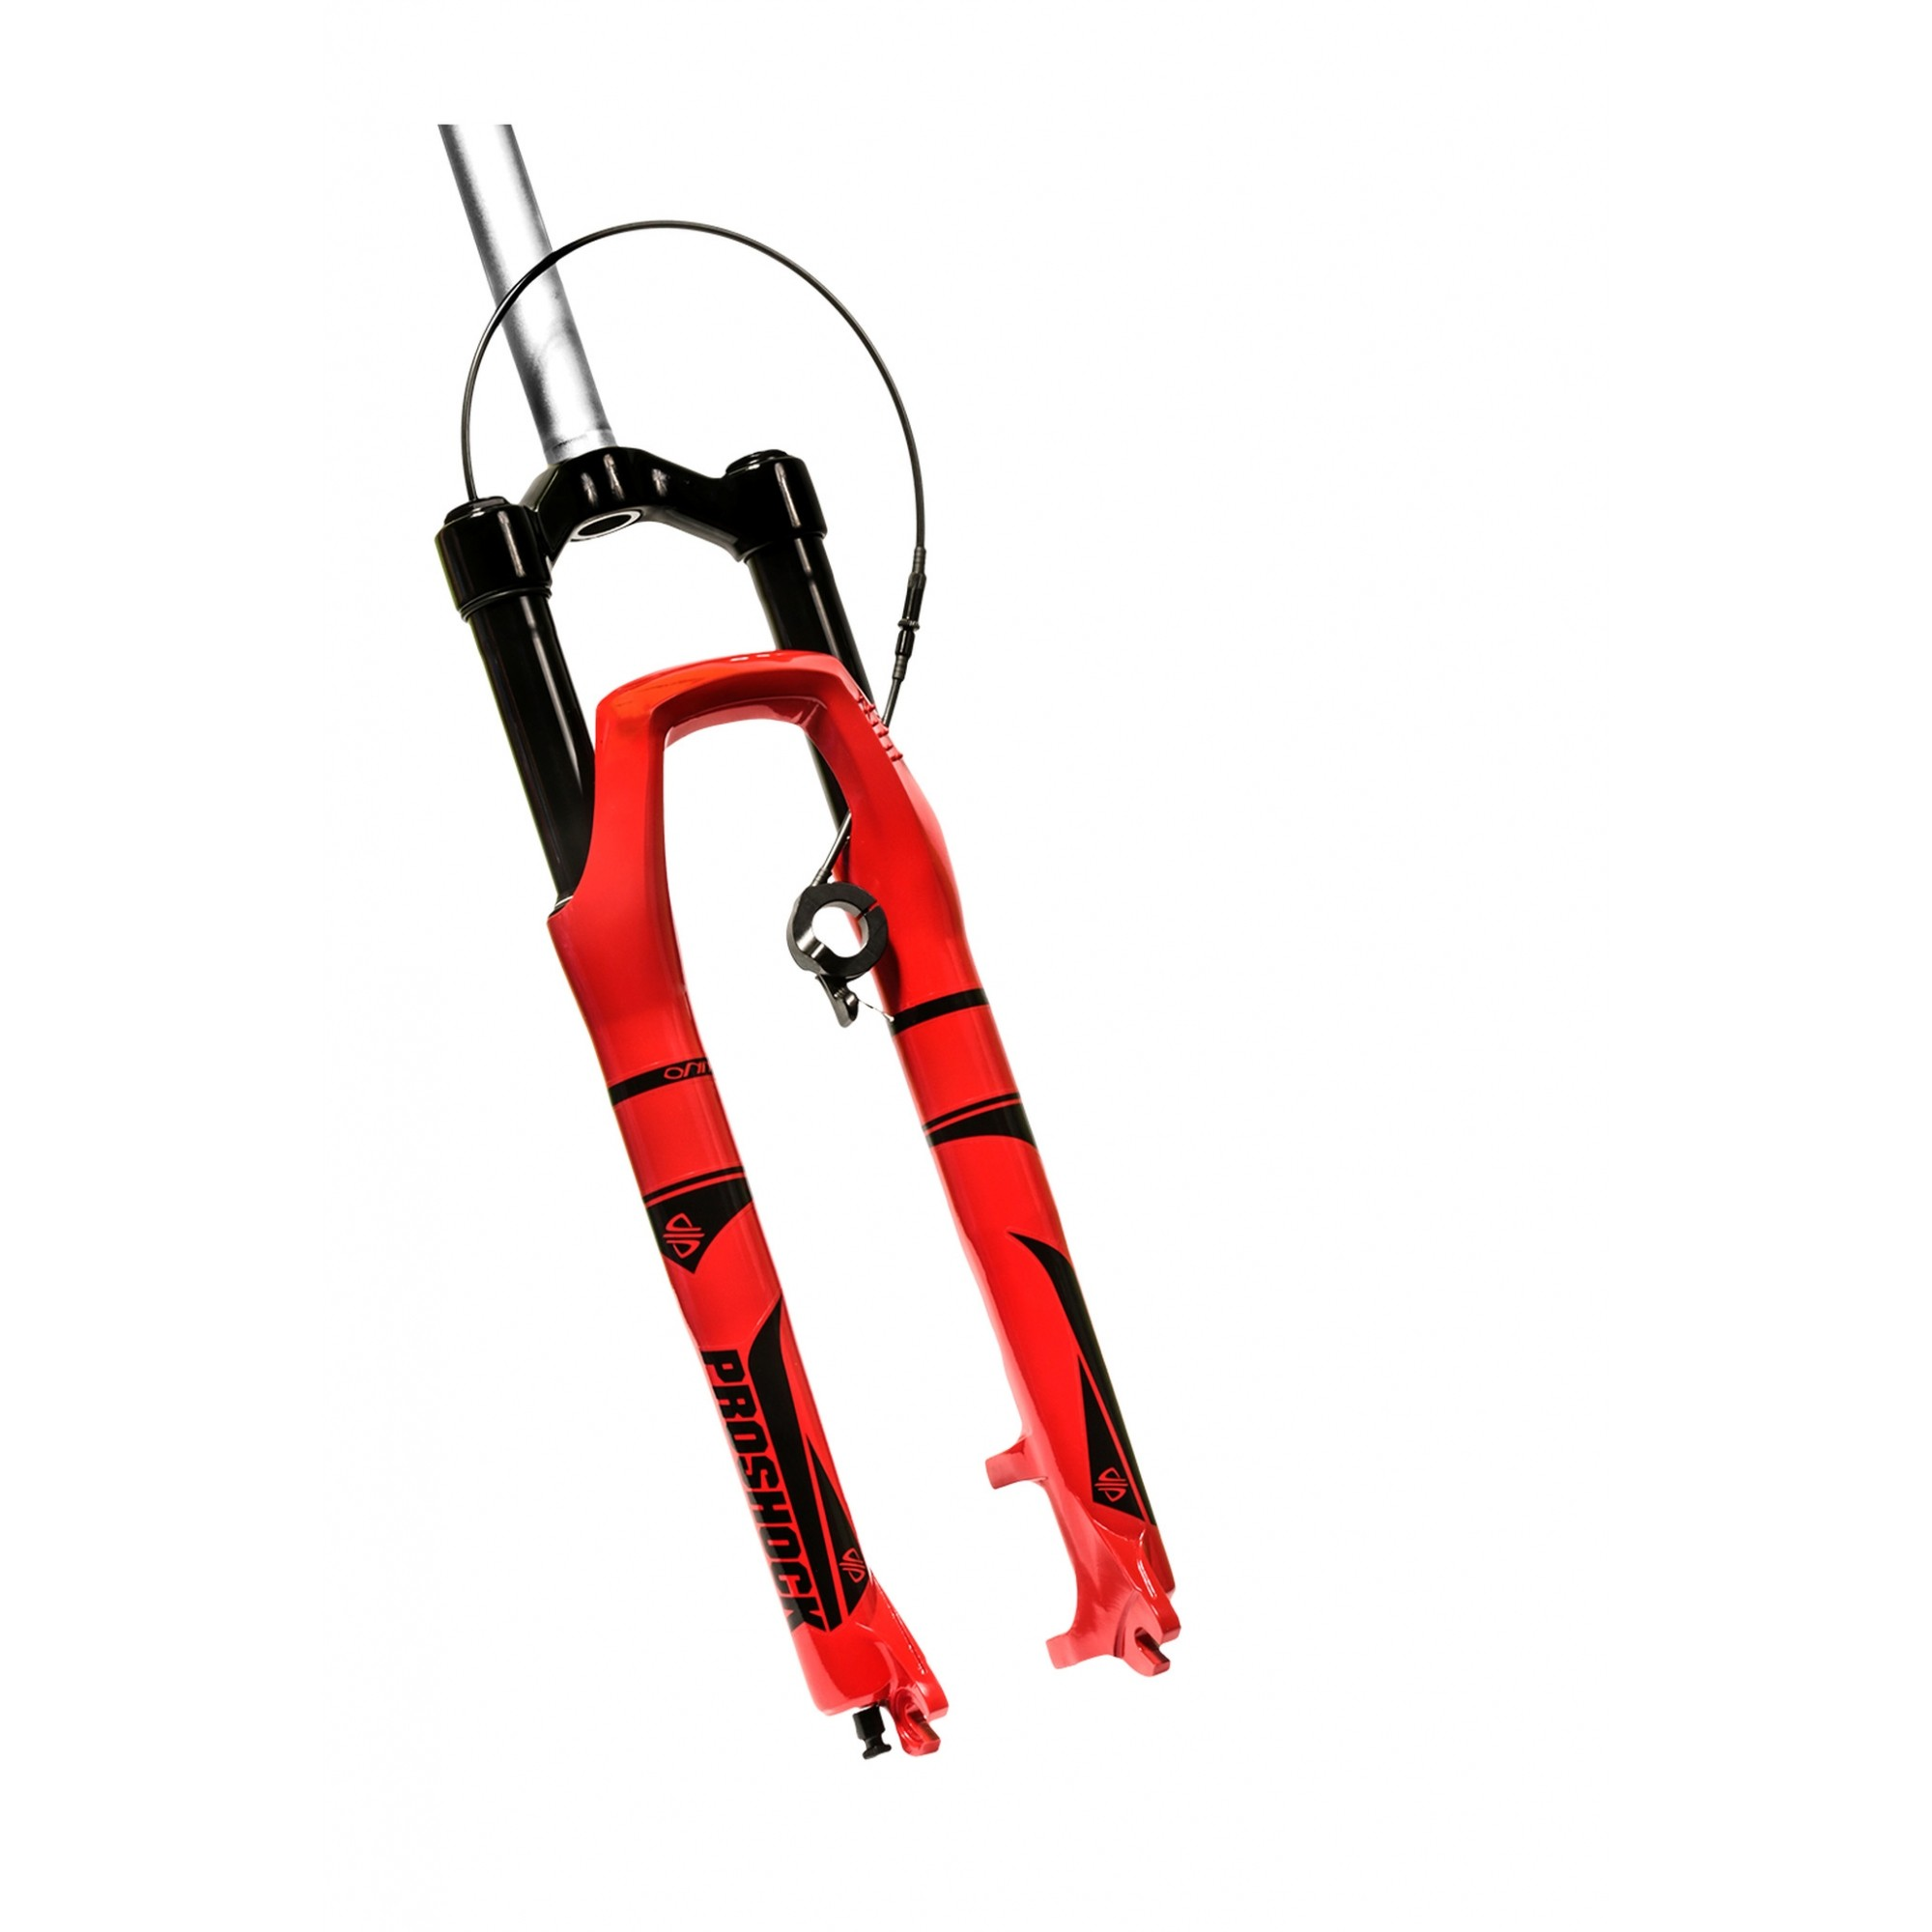 Suspensão 29 PROSHOCK Ônix Over 100mm de Curso cor Vermelho com Trava no Guidão